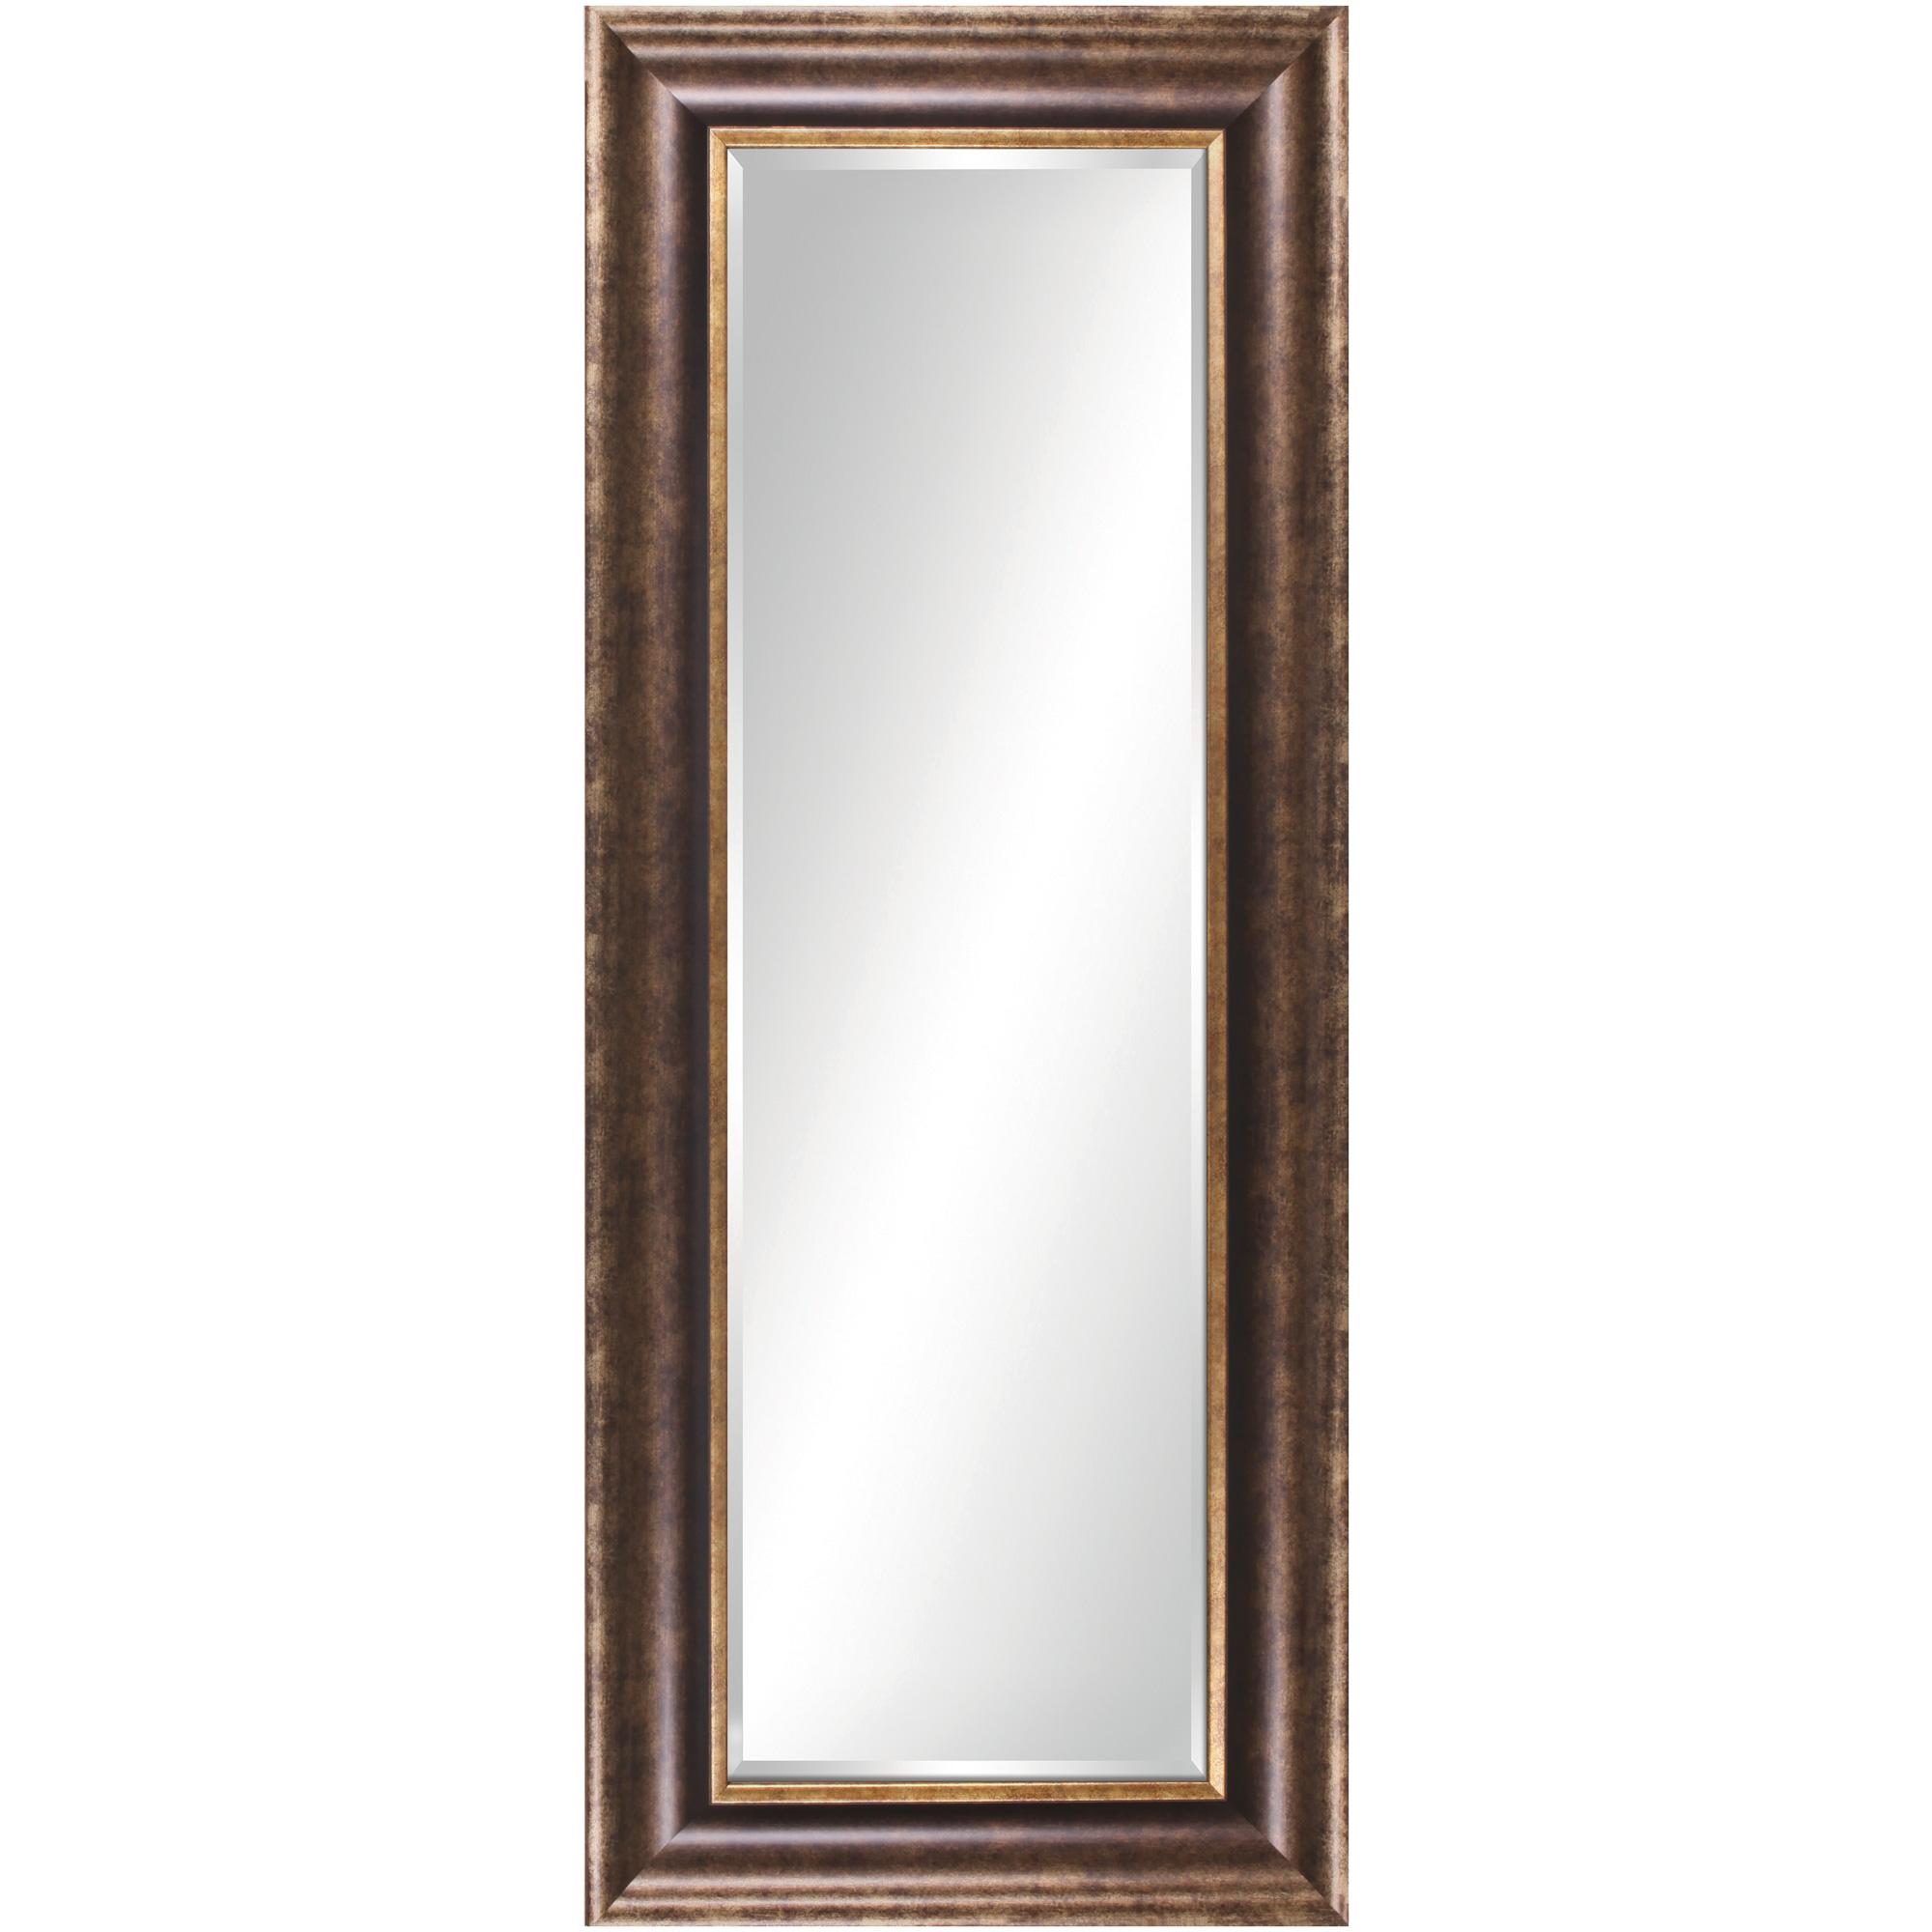 Art Effects | Bronze Rectangular Mirror